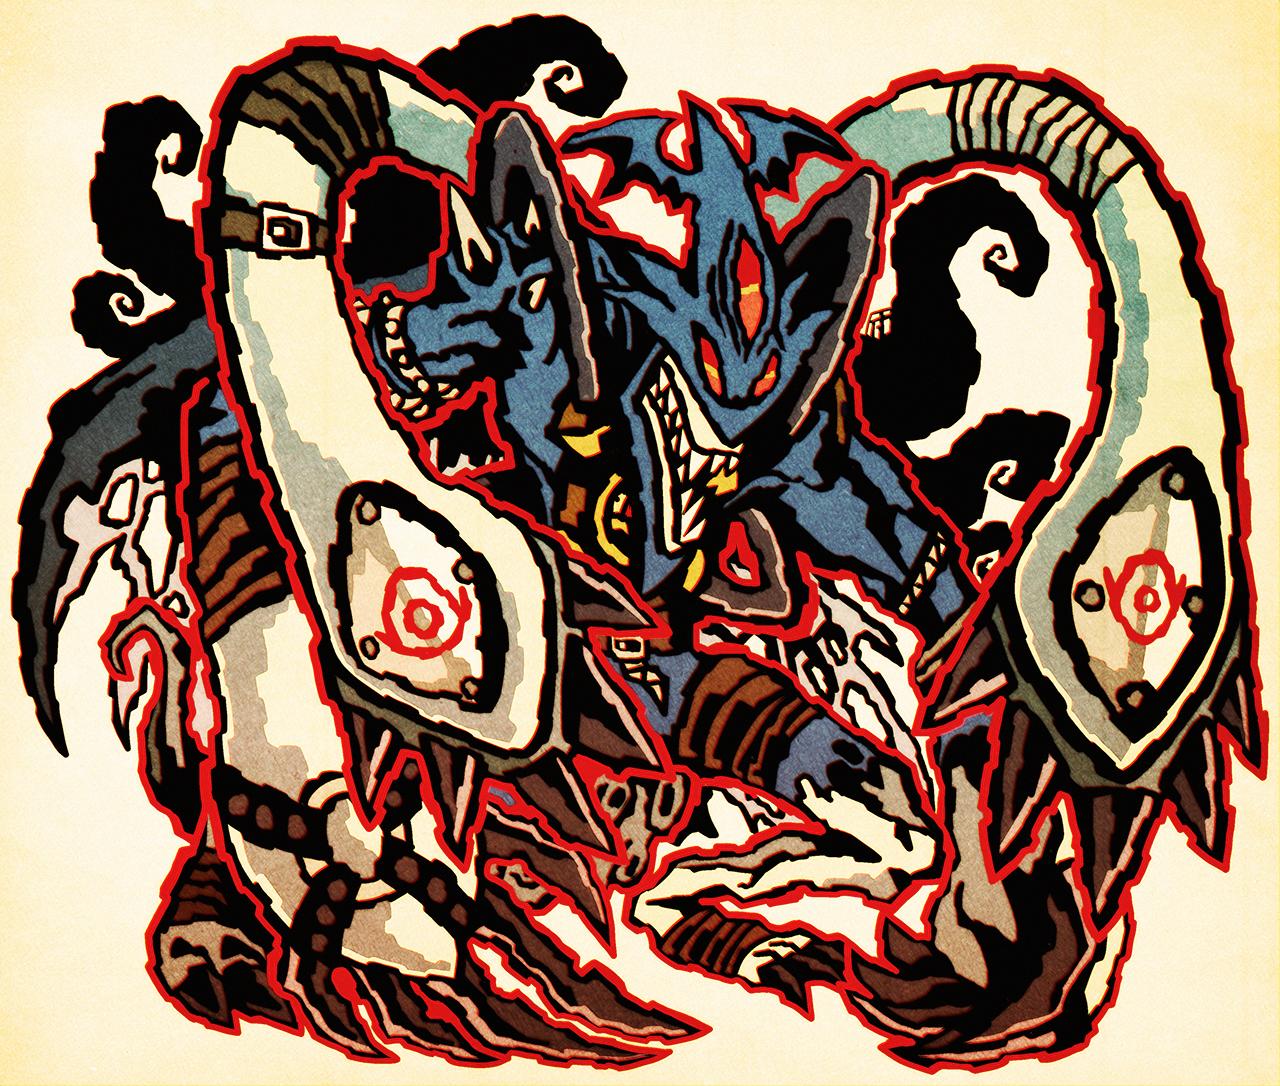 Aquatic Devil